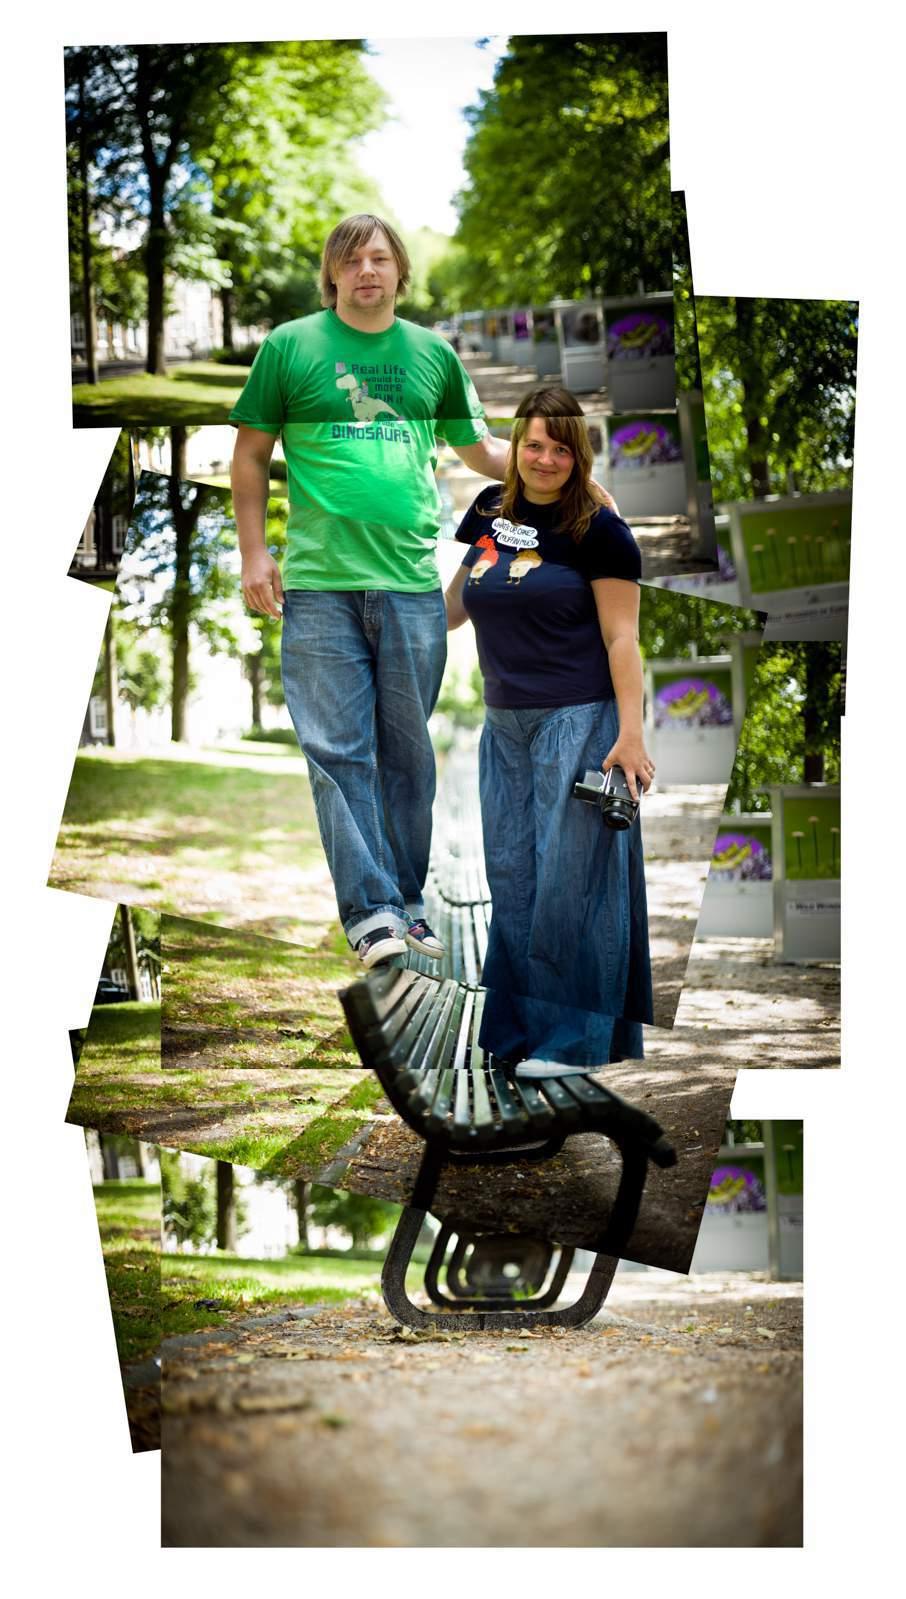 Fotógrafo de Retratos, Bodas, Familia y Estilo de Vida basado en la Ciudad de México (DF).  Retratos Profesionales y Corporativo